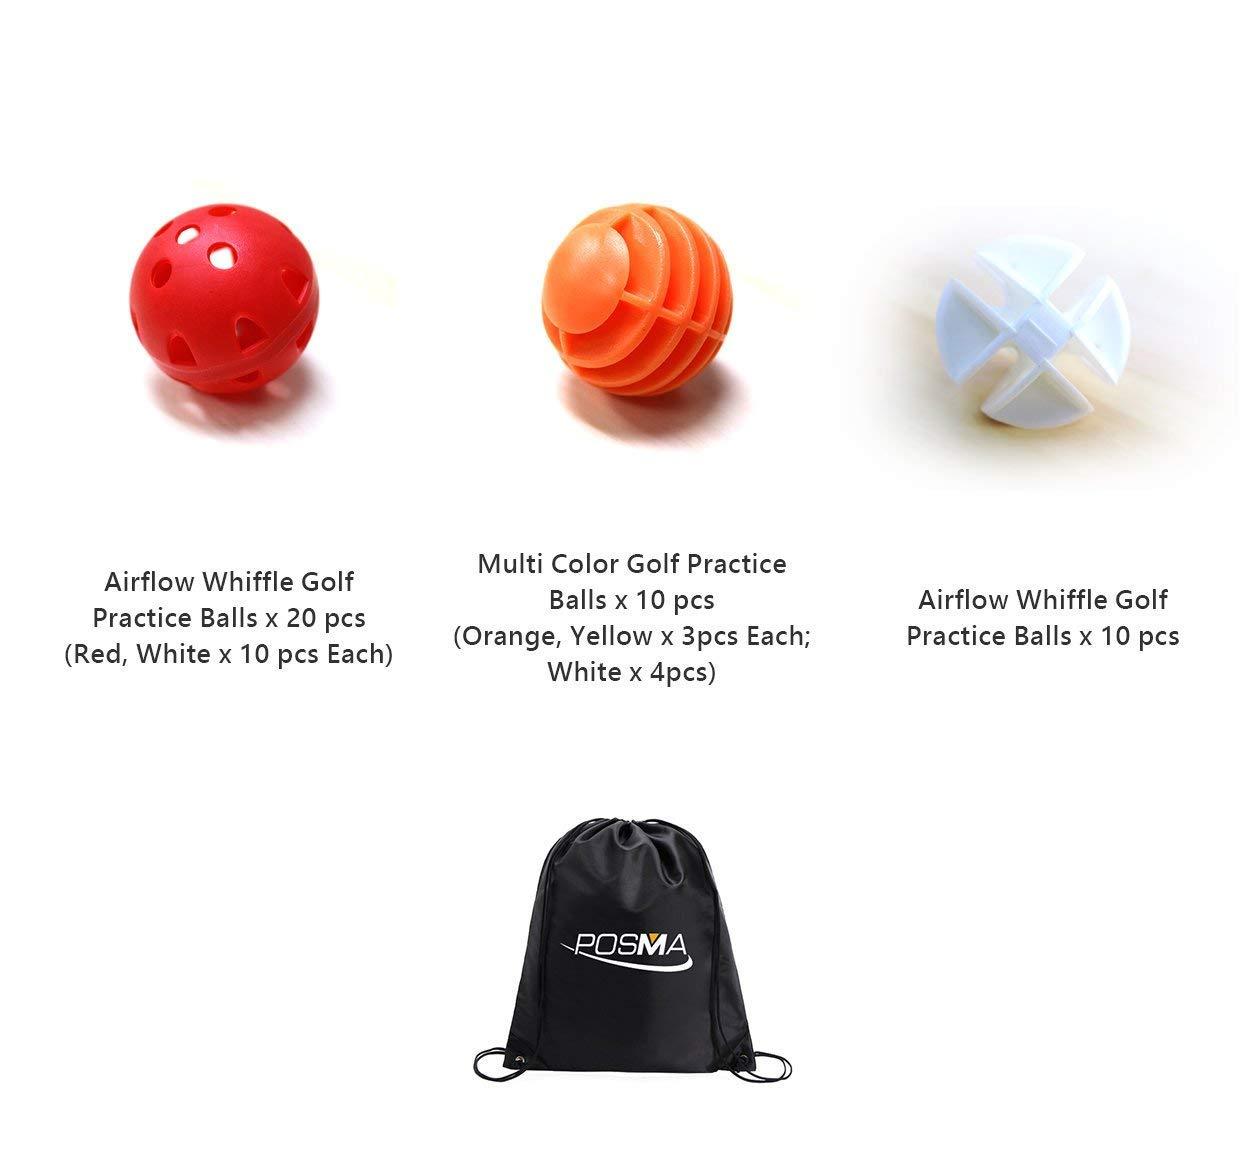 POSMA PB050A エアフローウィッフルゴルフ練習ボール マルチカラー ゴルフボール + ホワイトゴルフボール + キャリーバッグ   B07H195G12